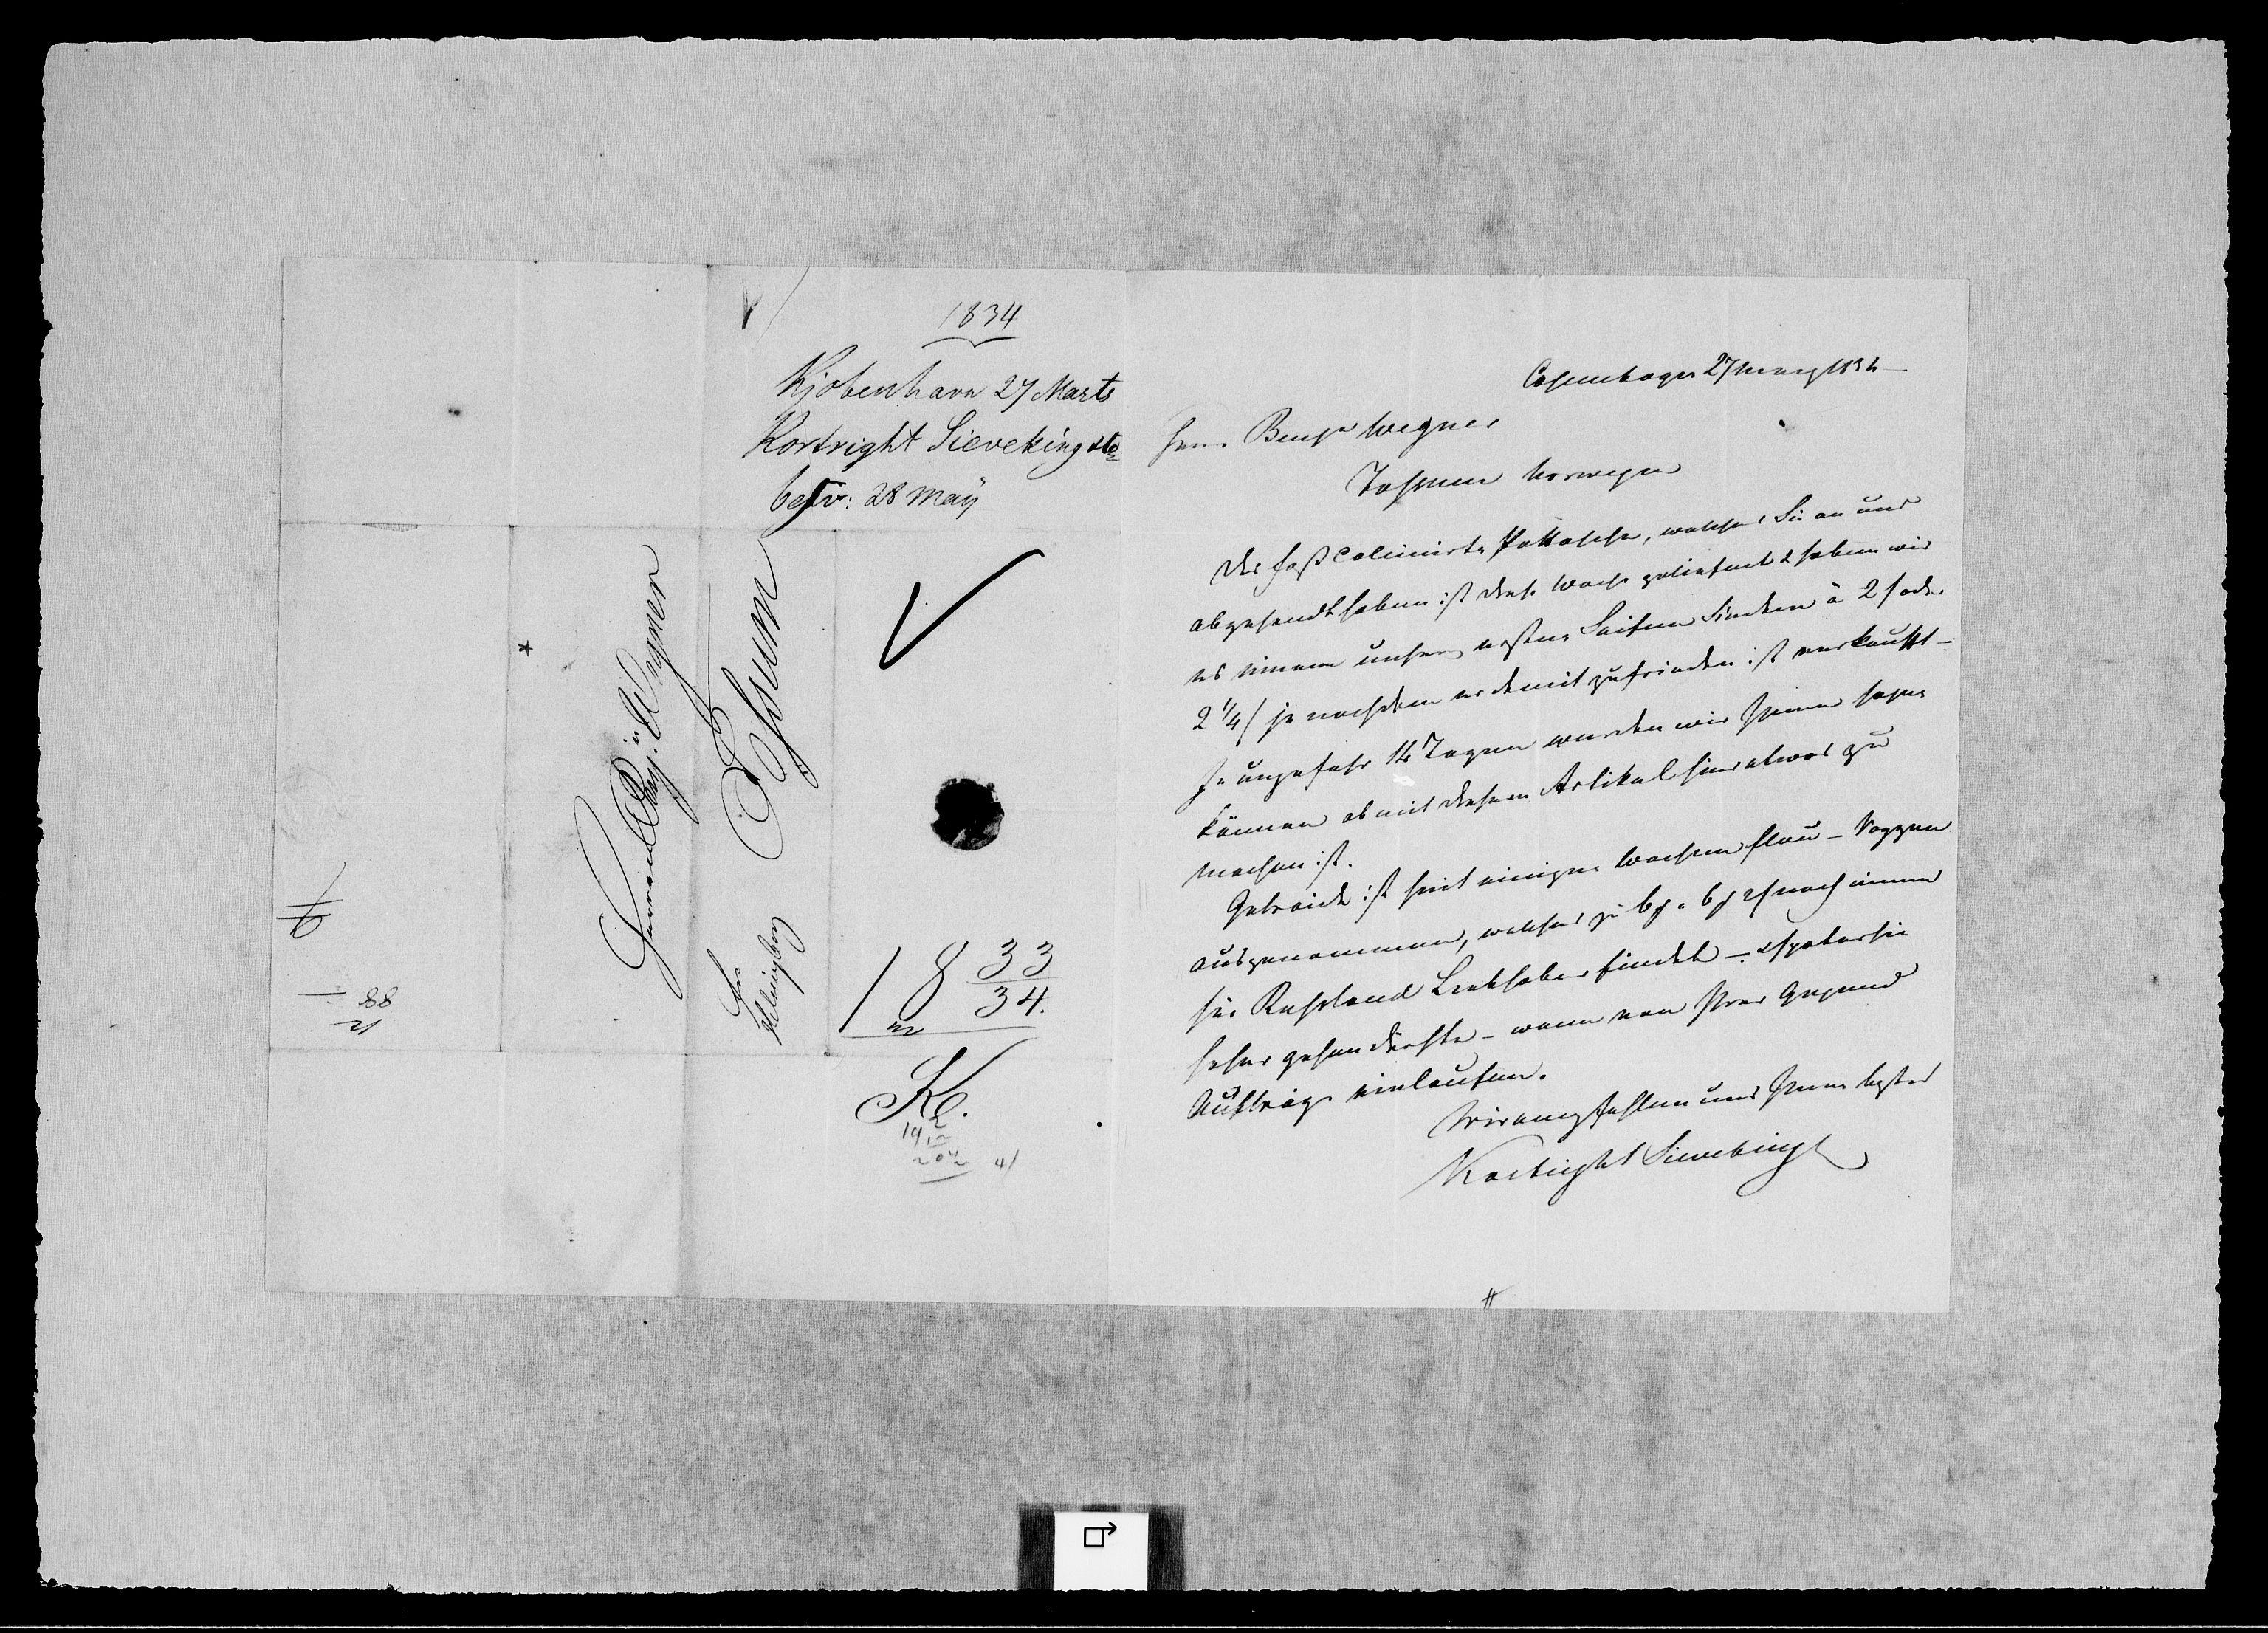 RA, Modums Blaafarveværk, G/Gb/L0112, 1833-1834, s. 2